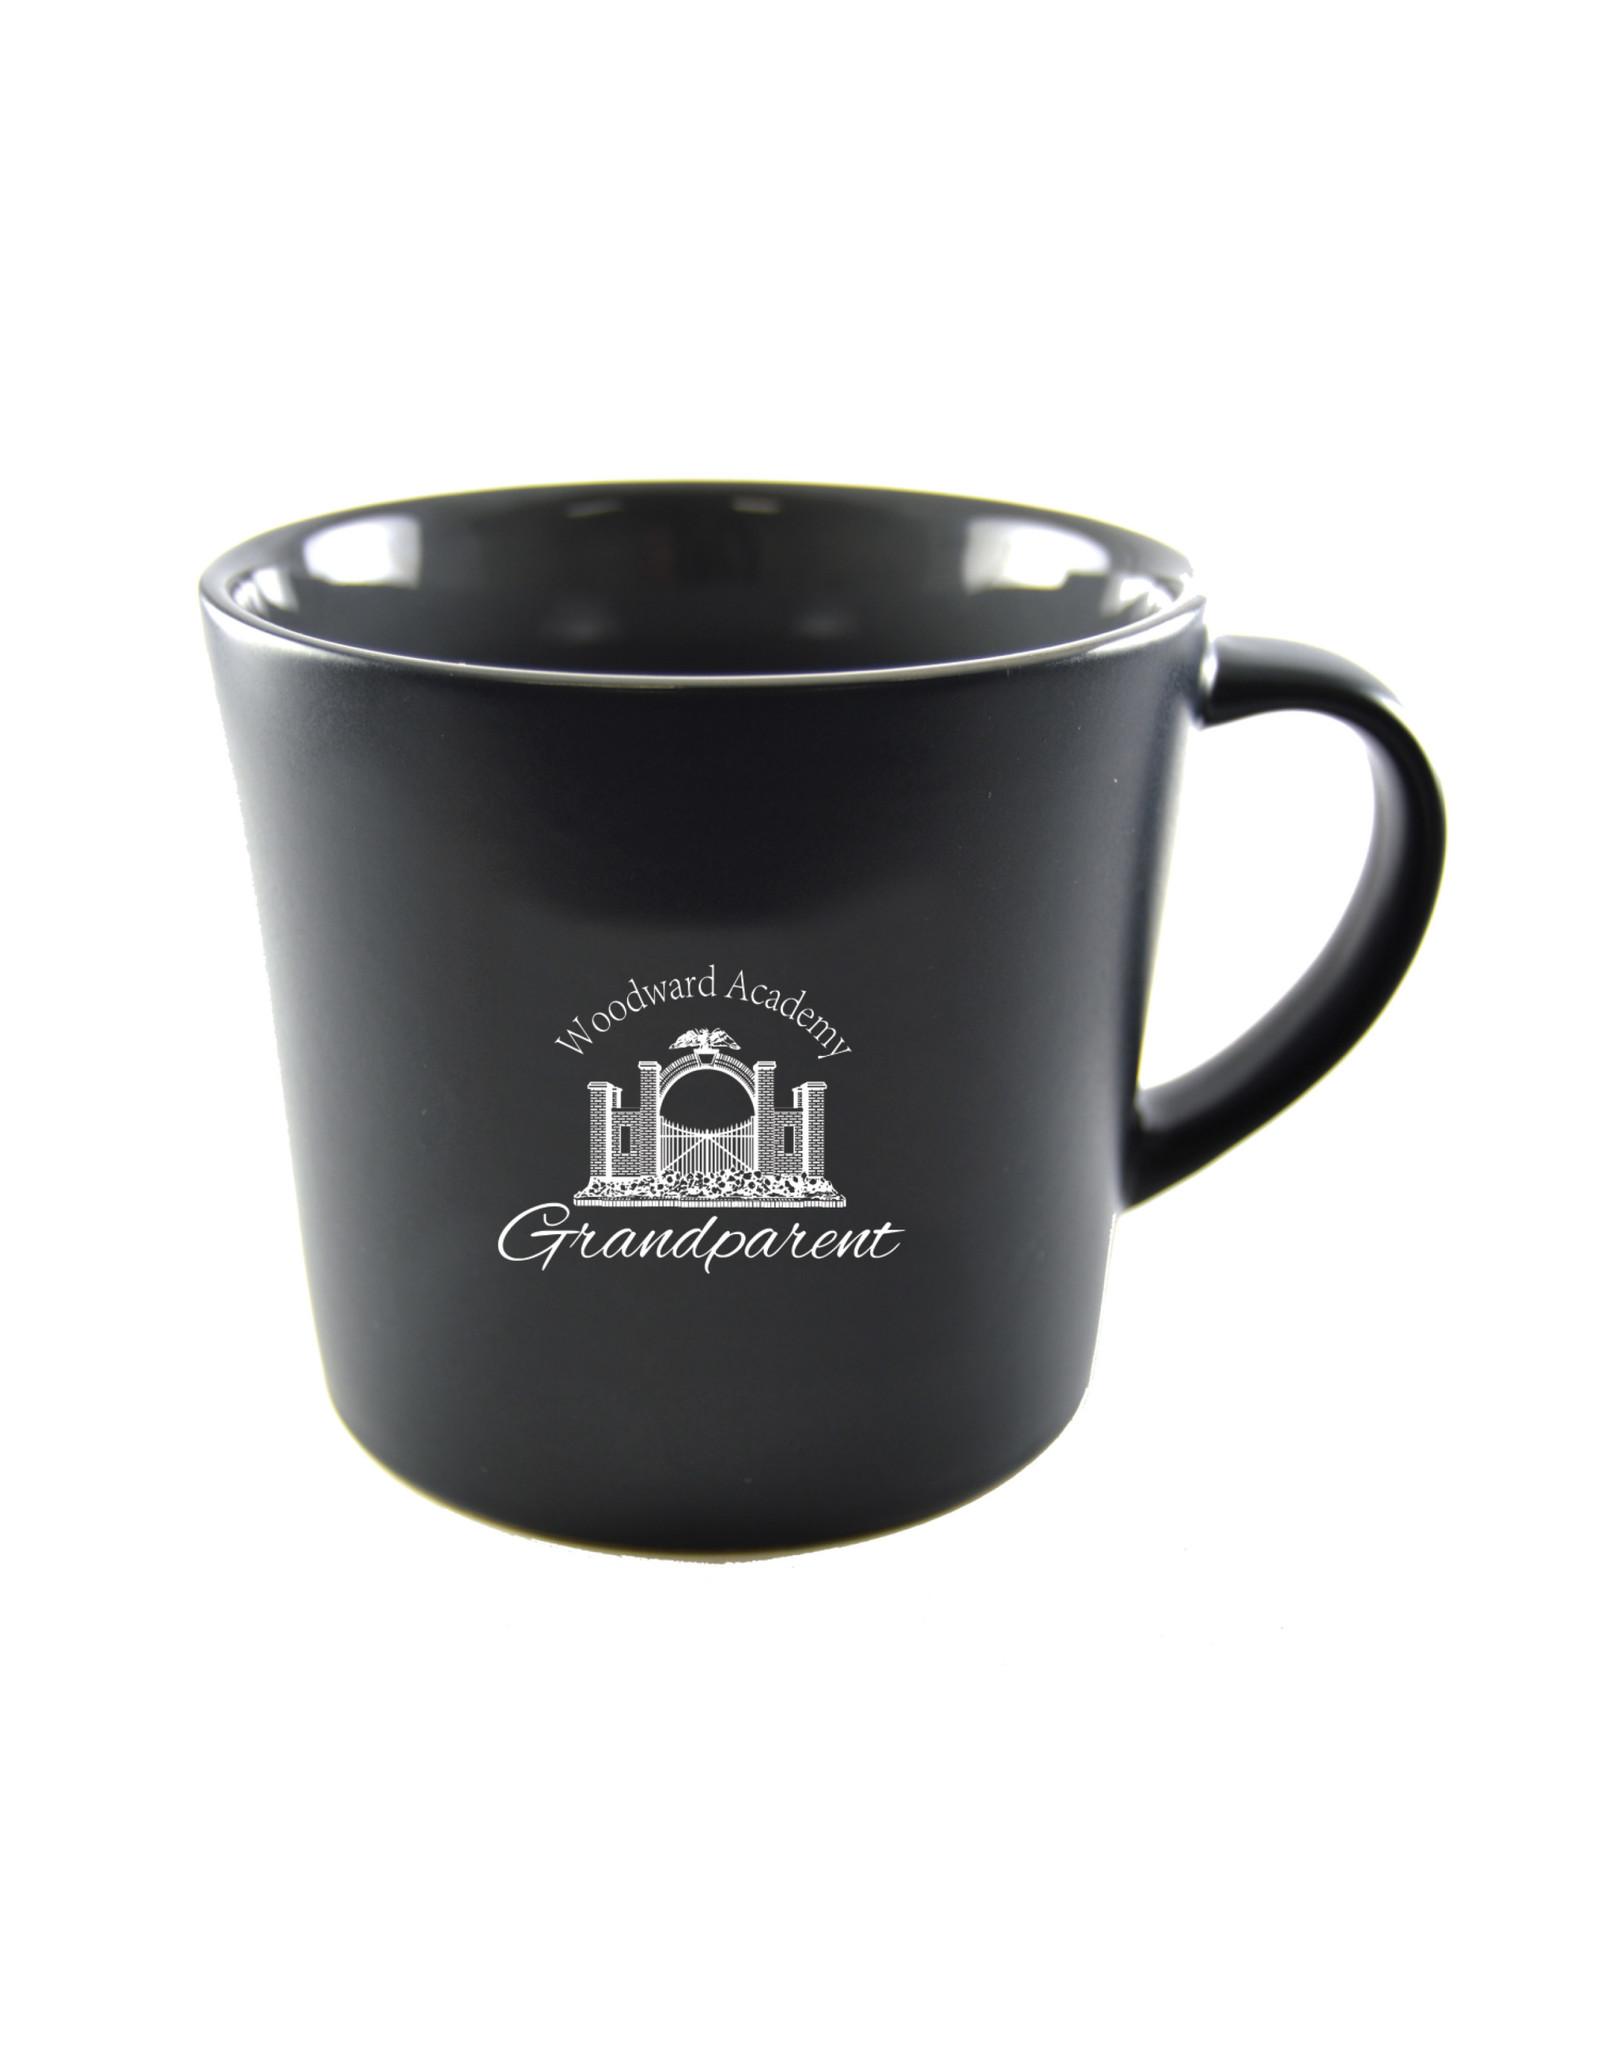 LXG MUG Grandparent Mug by LXG